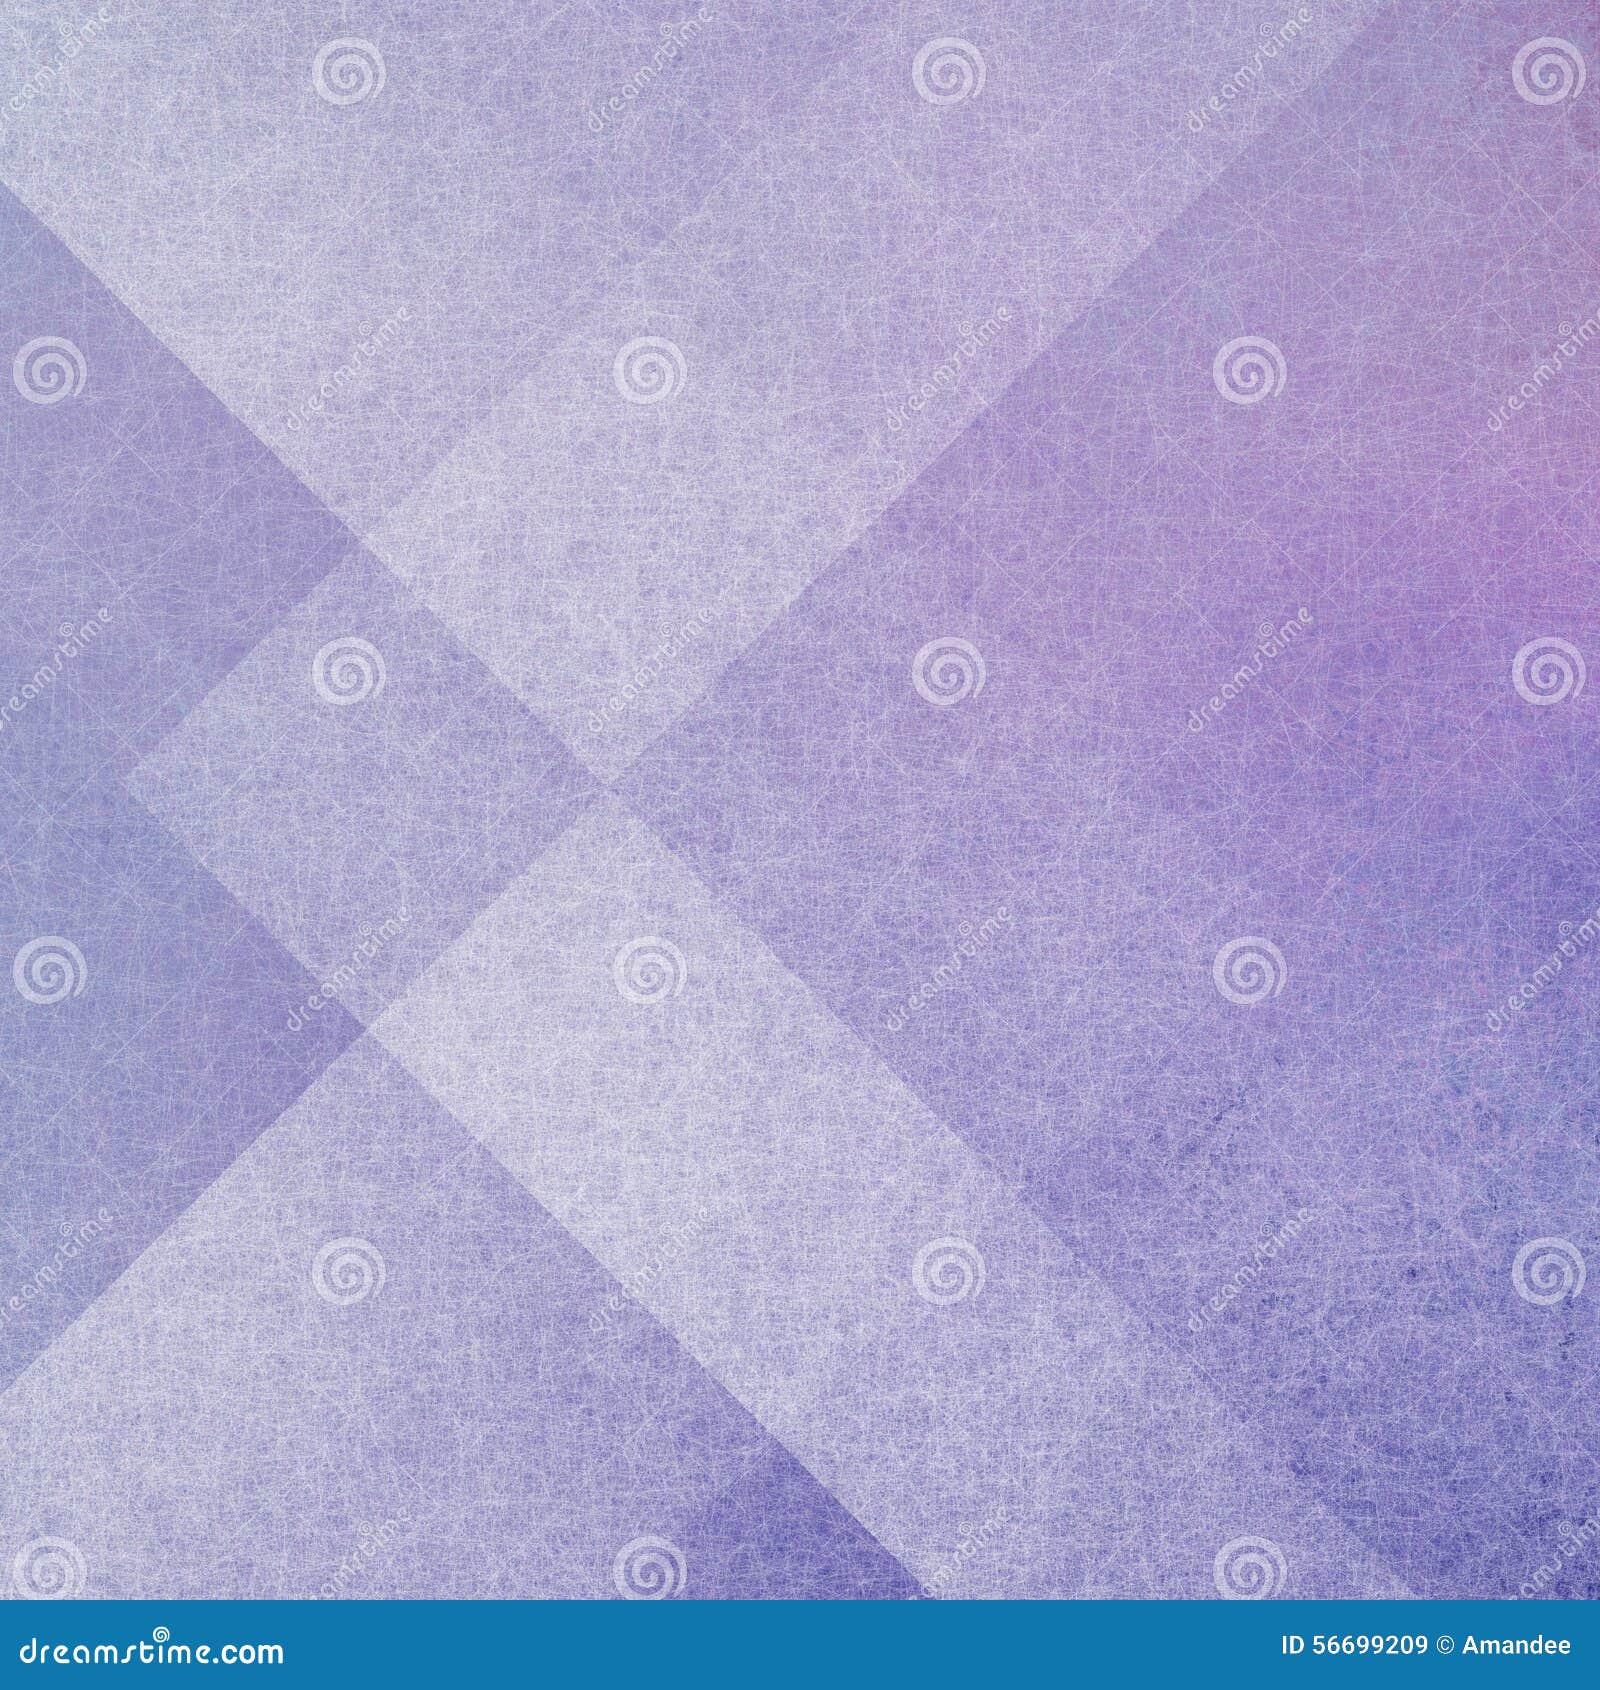 Abstracte purpere achtergrond met geometrische lagen rectangels en driehoeksvormen